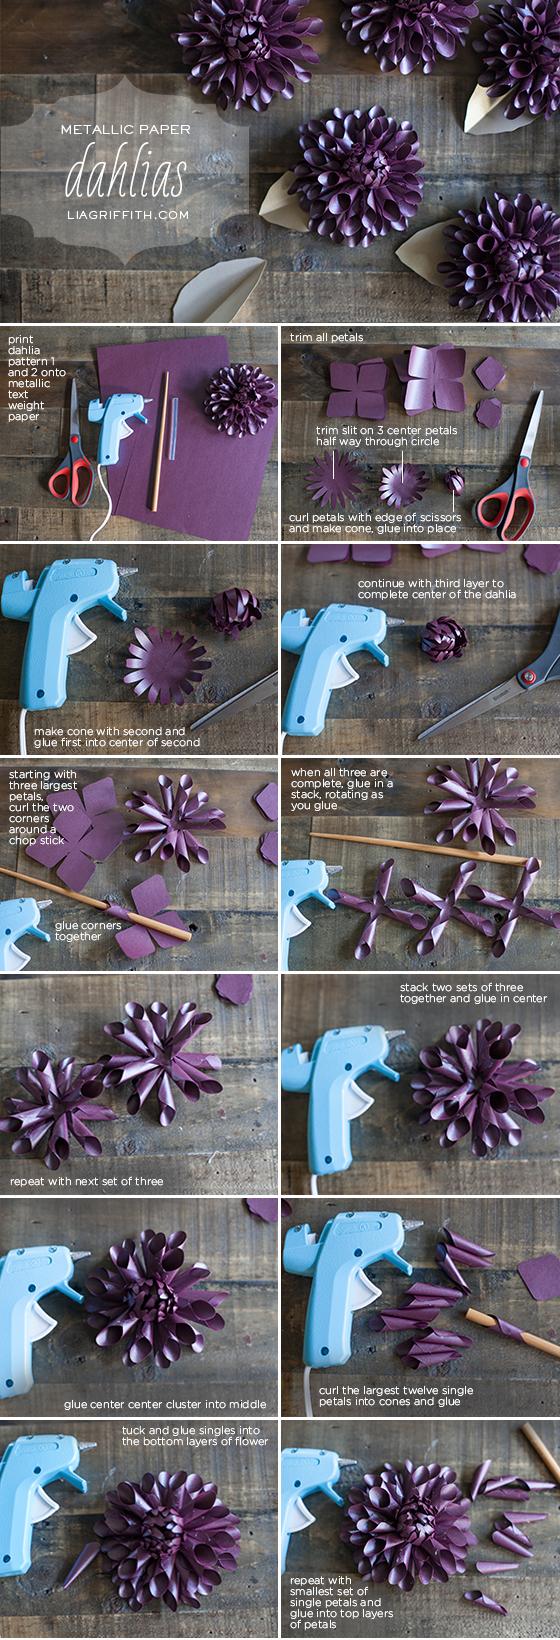 Make a Paper Dahlia for Fall